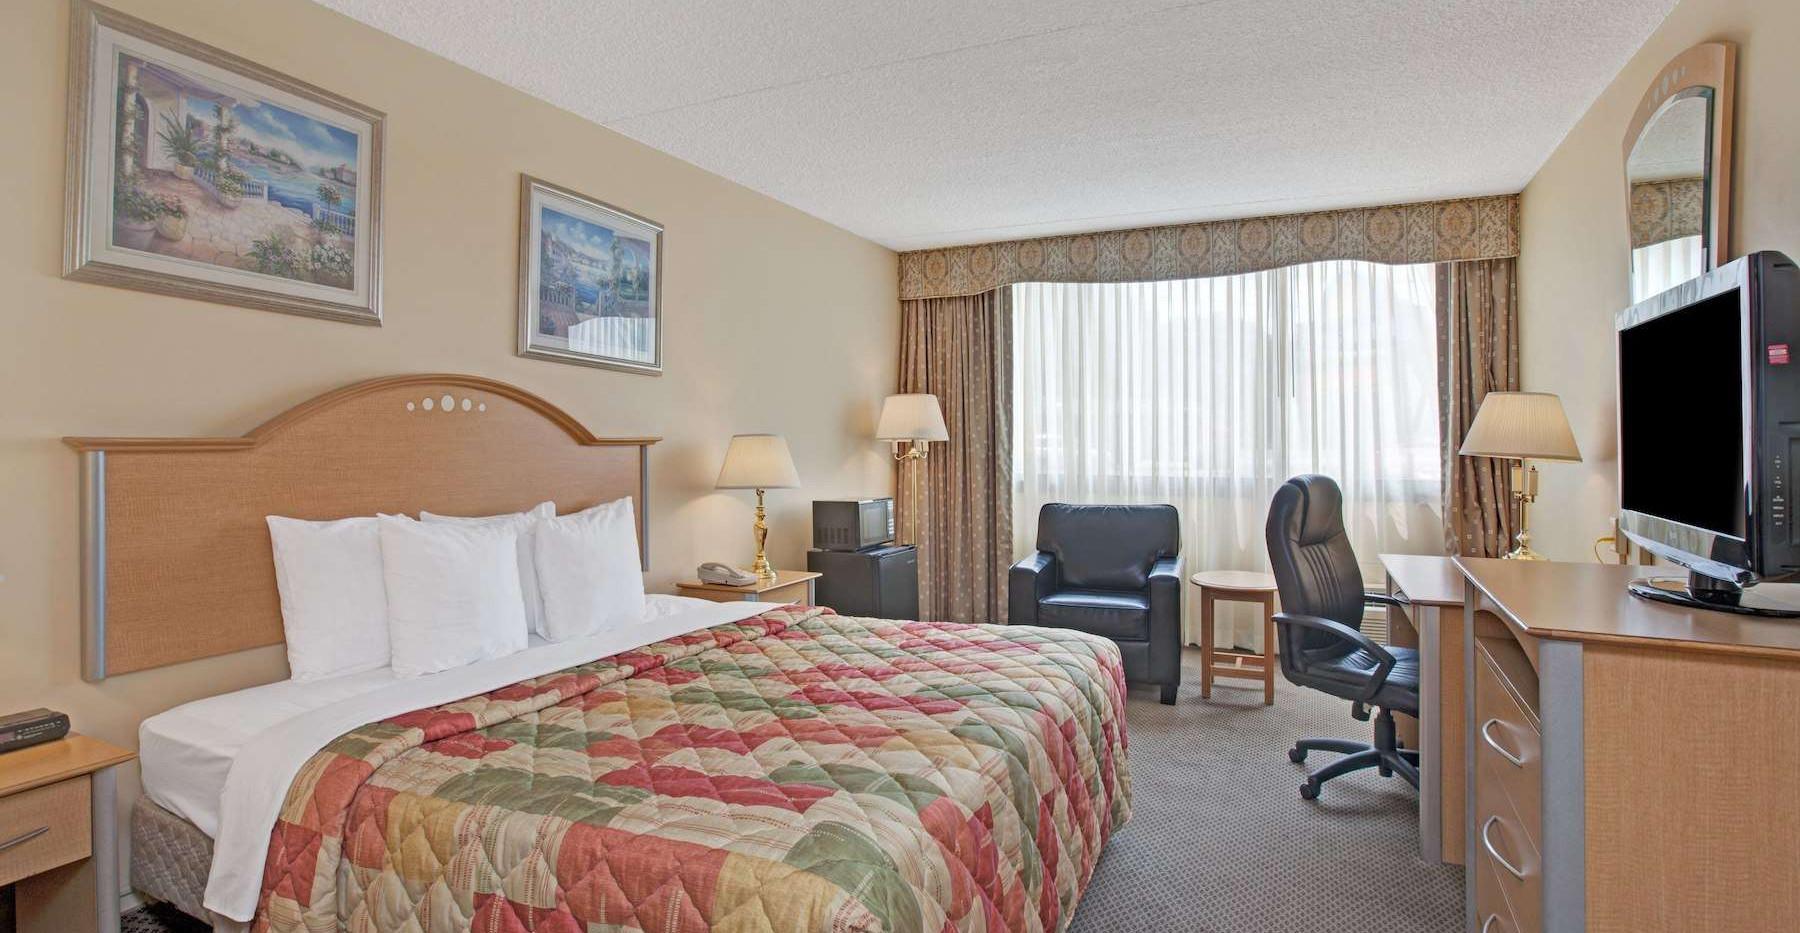 05450_guest_room_3.jpg